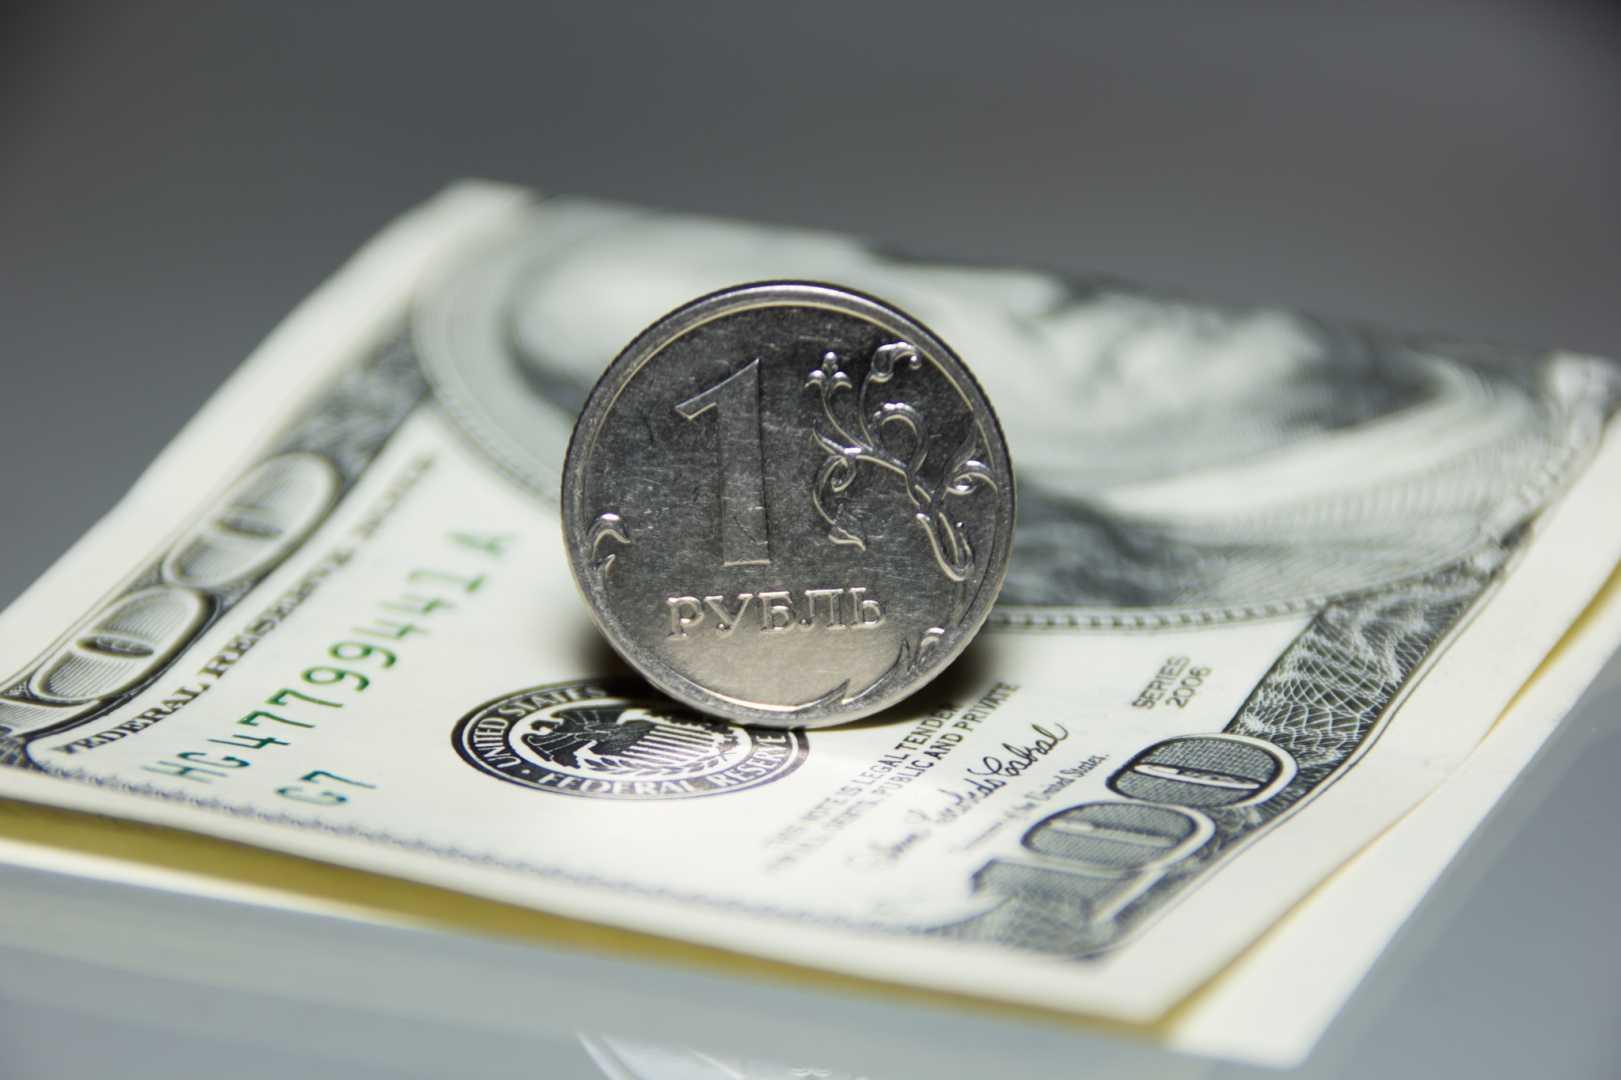 Kuinka paljon miljoona ja miljardi usd painaa?, hiero ja eur eri nimellisarvoissa